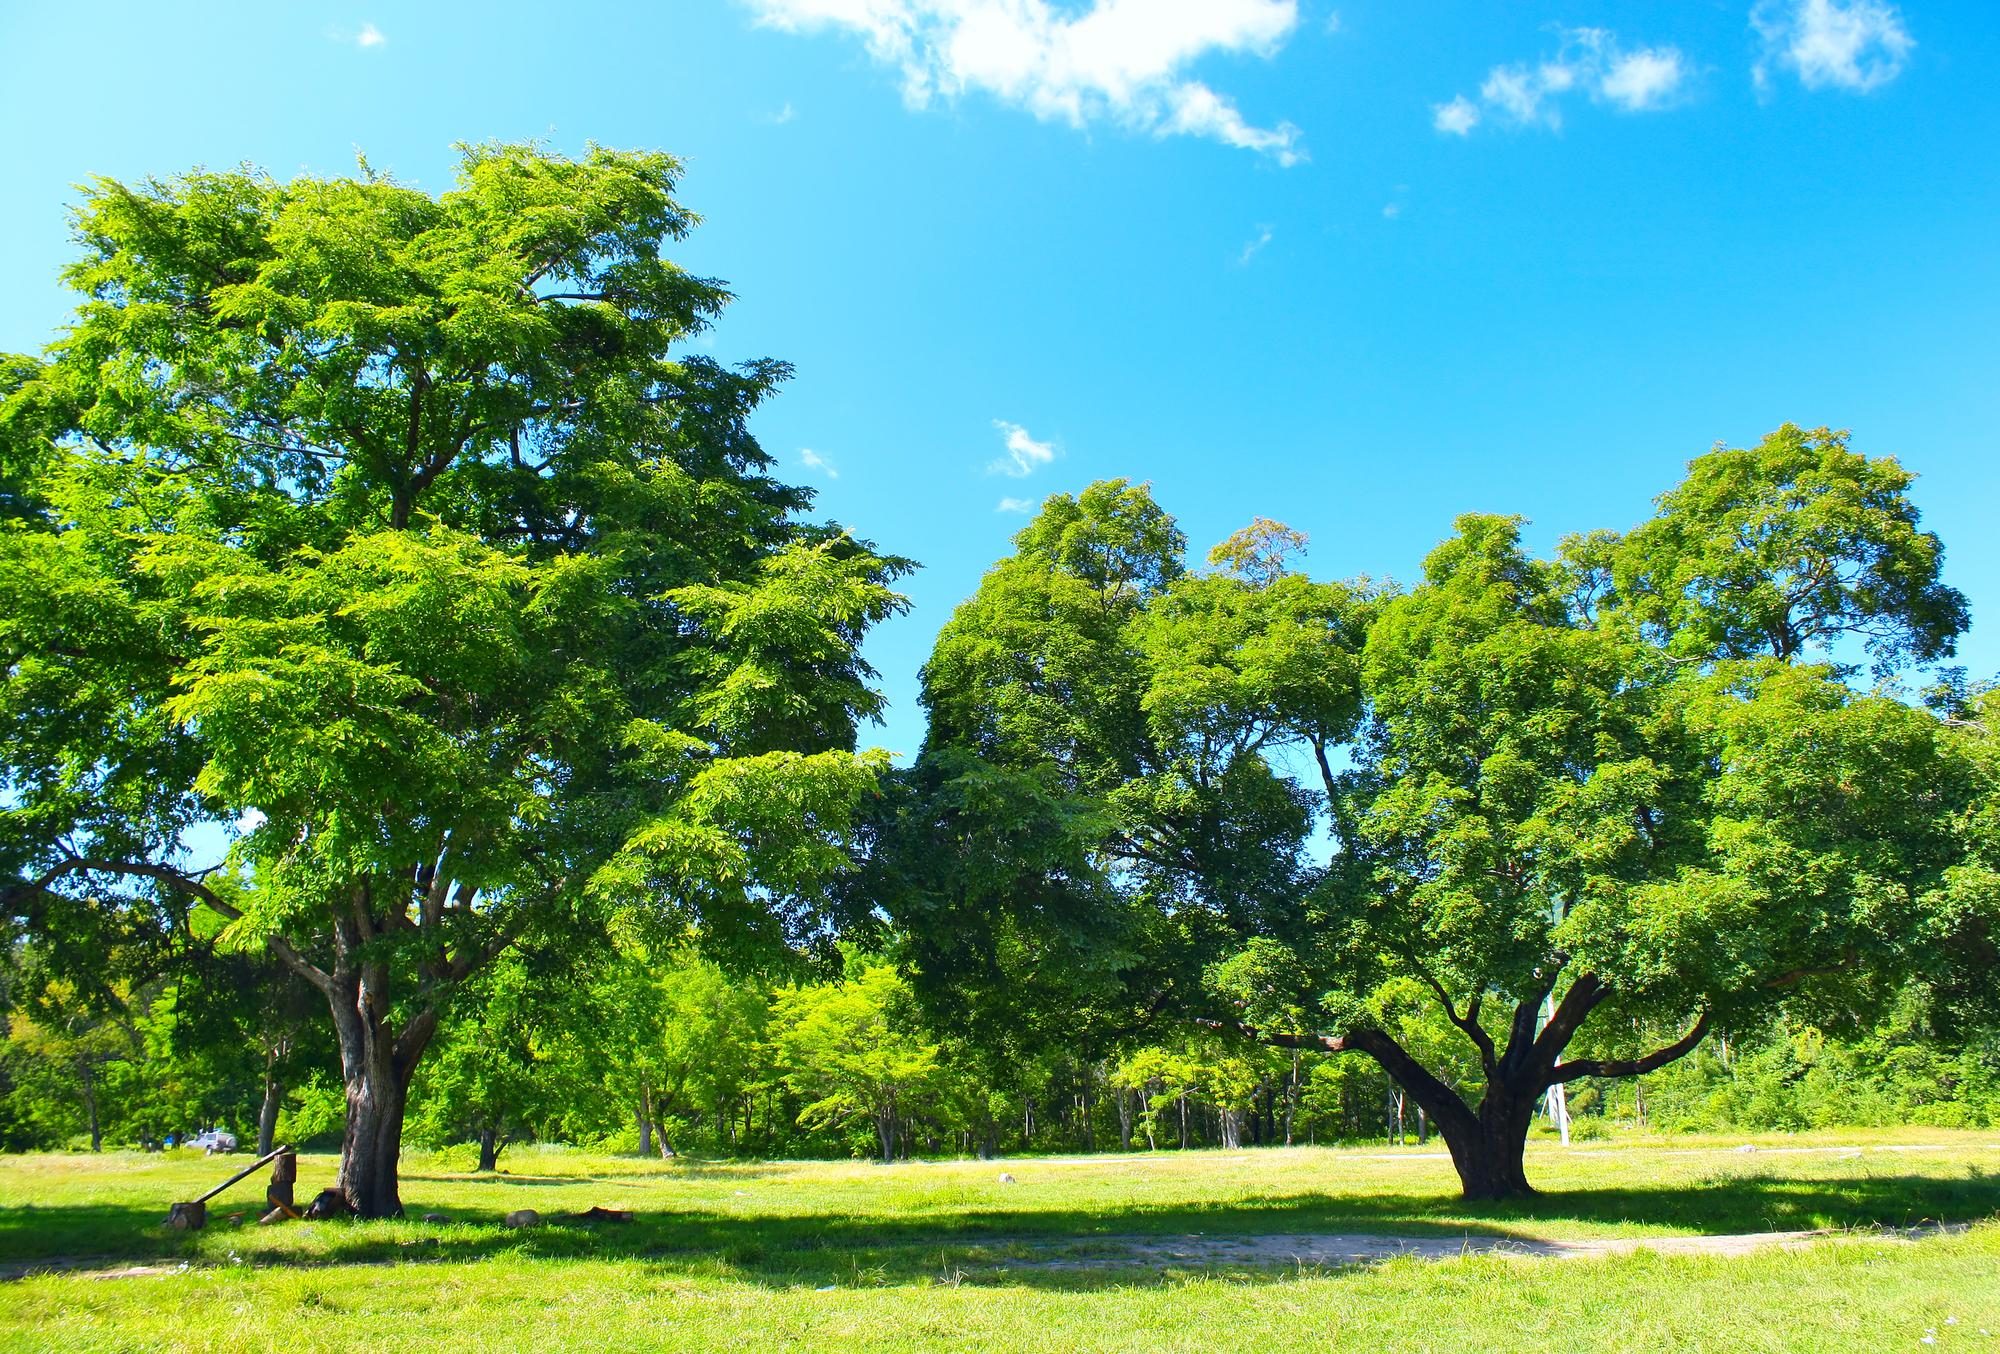 10_Corpus_Christi_Tree_Pests_And_Diseases